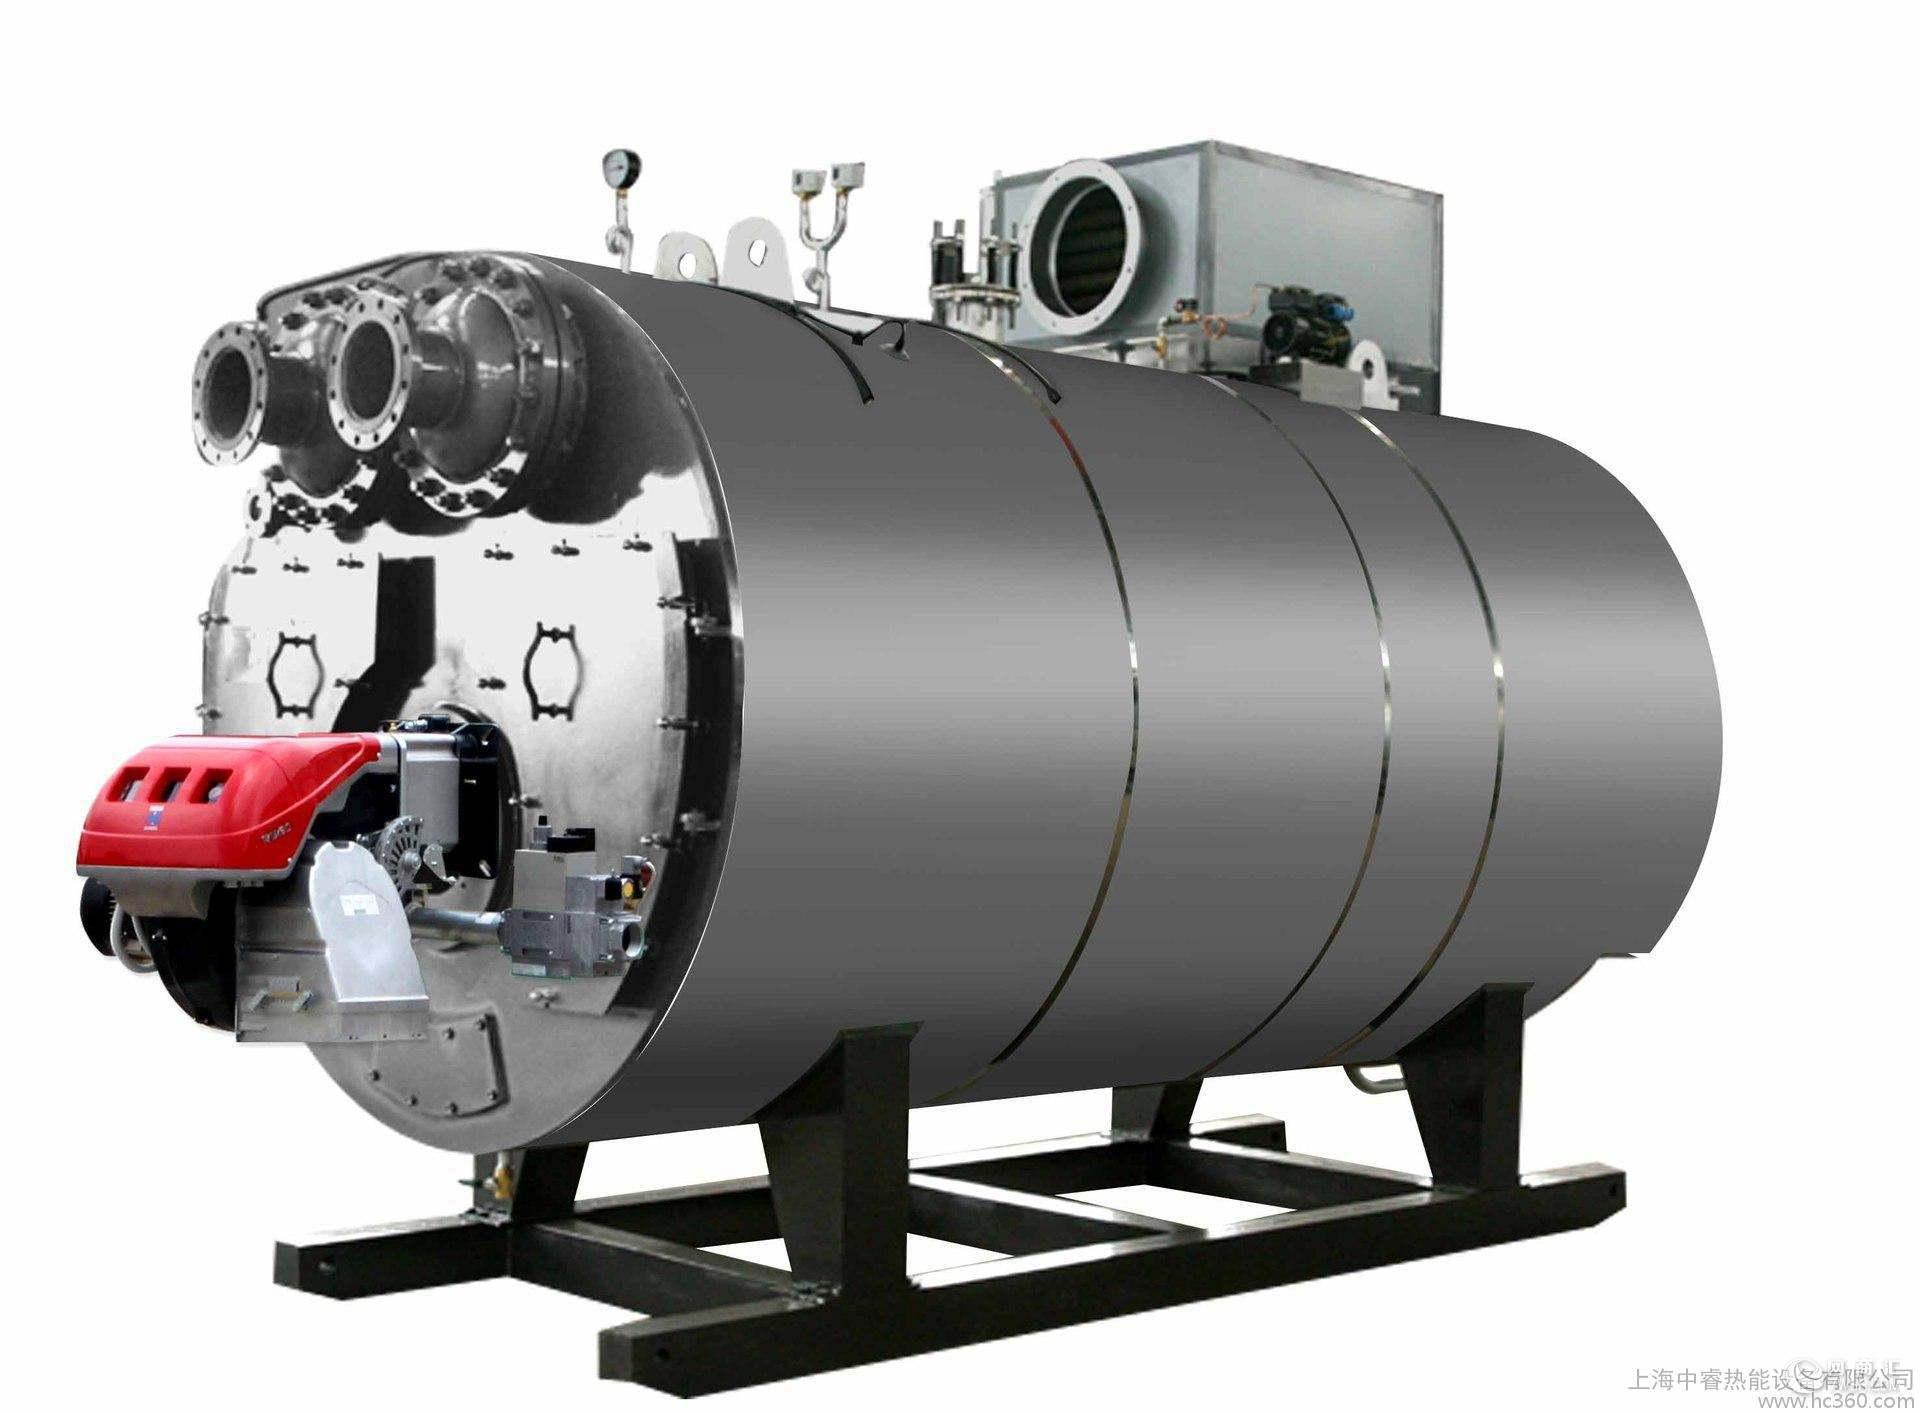 2吨热水锅炉哪家好_二十吨工业锅炉及配件报价-河南豫冀锅炉容器制造有限公司